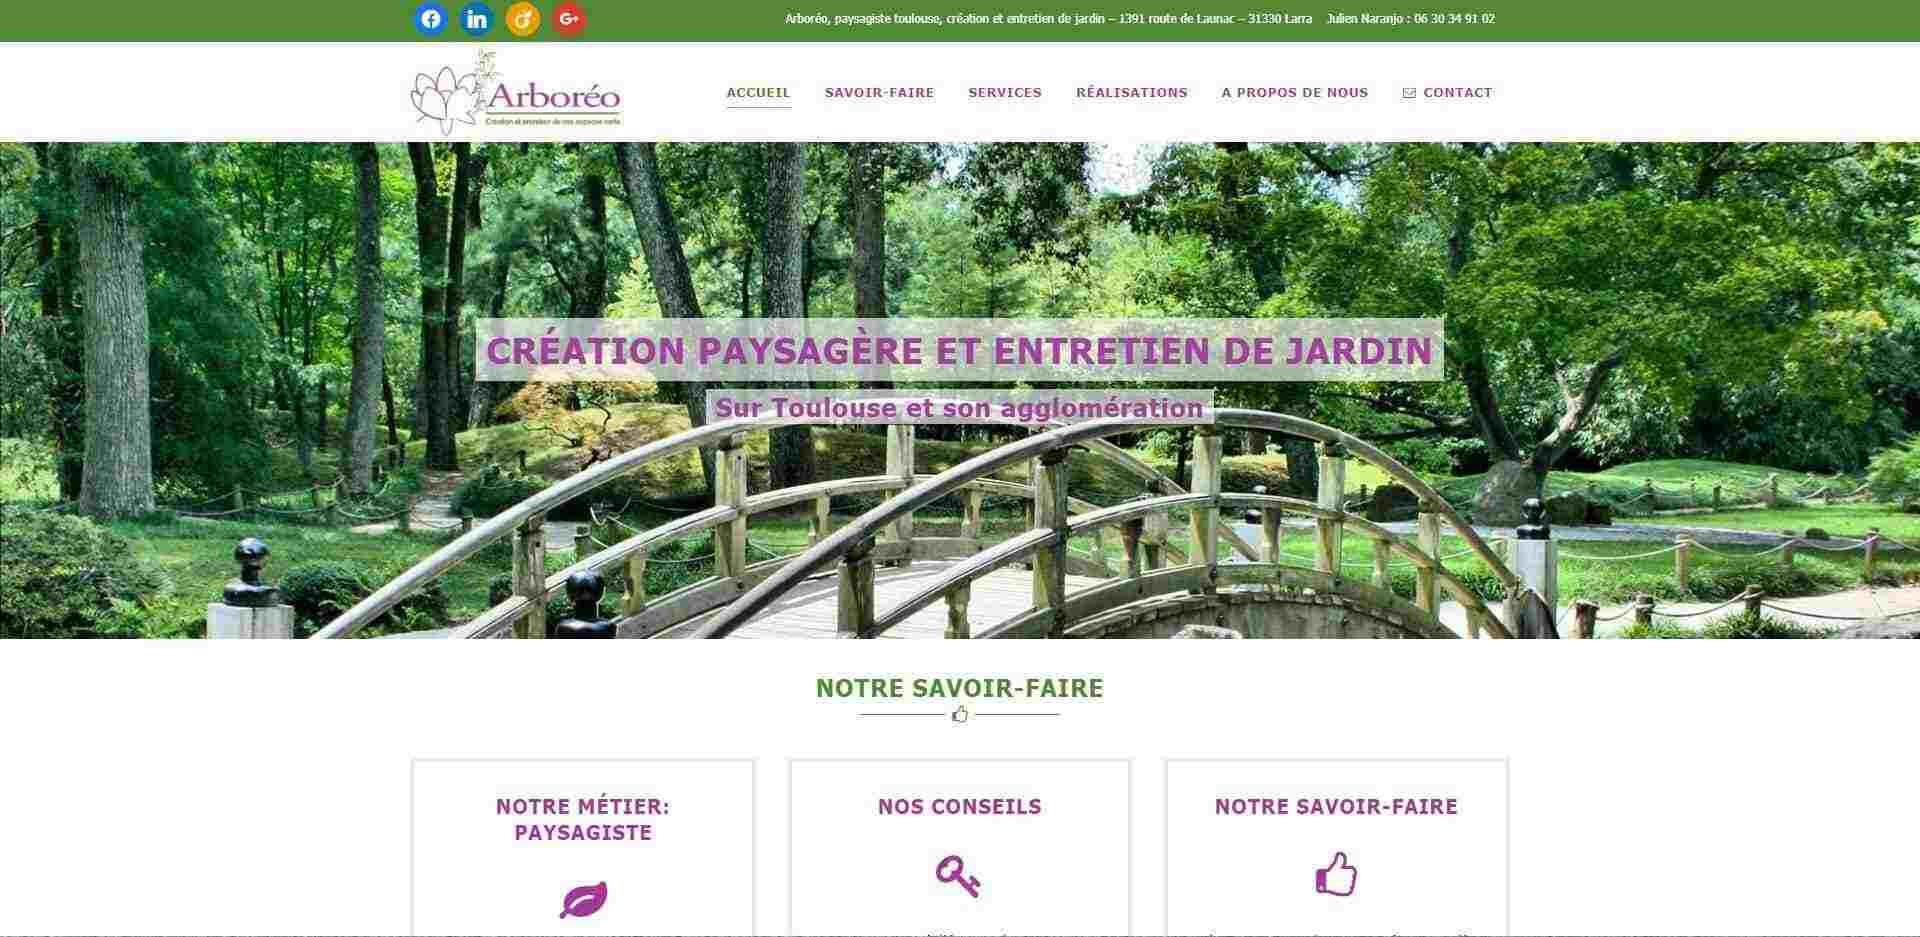 page d'accueil du site internet arboreo